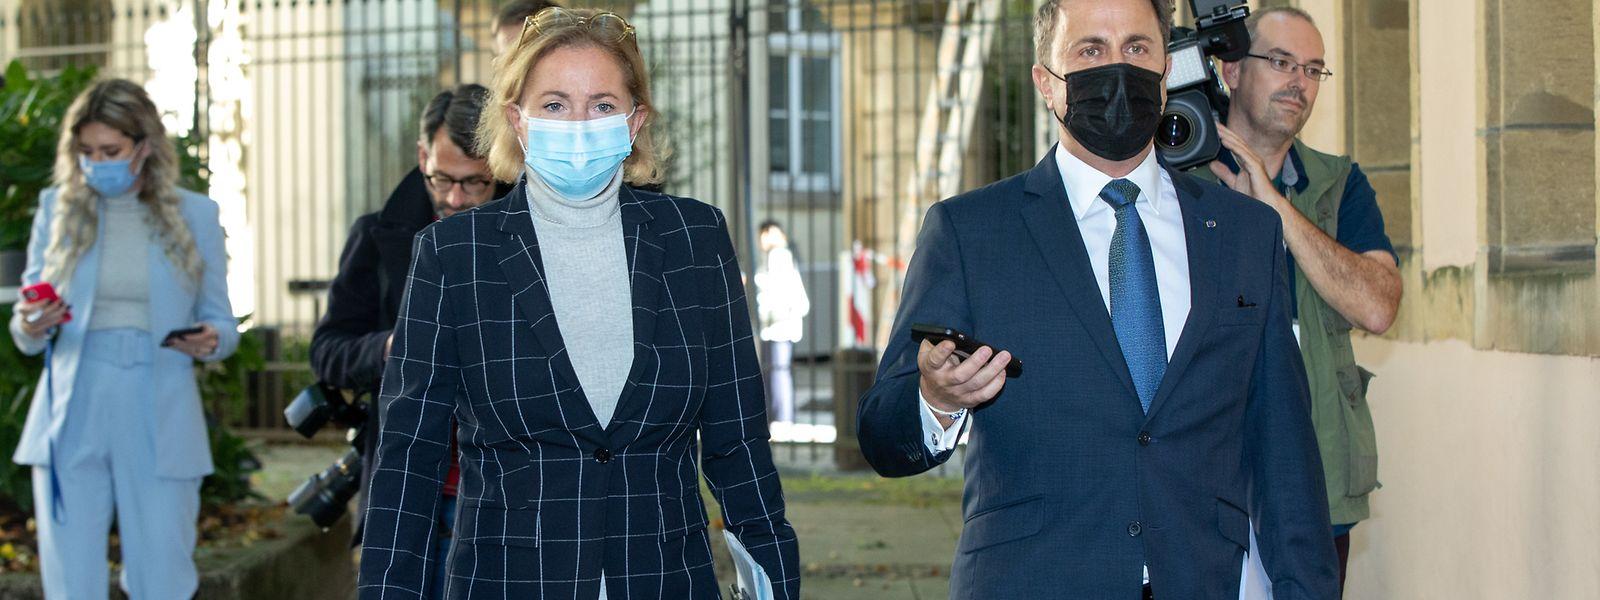 Gesundheitsministerin Lenert und Premier Bettel informierten die Öffentlichkeit am Freitag über die neuen Corona-Regeln.